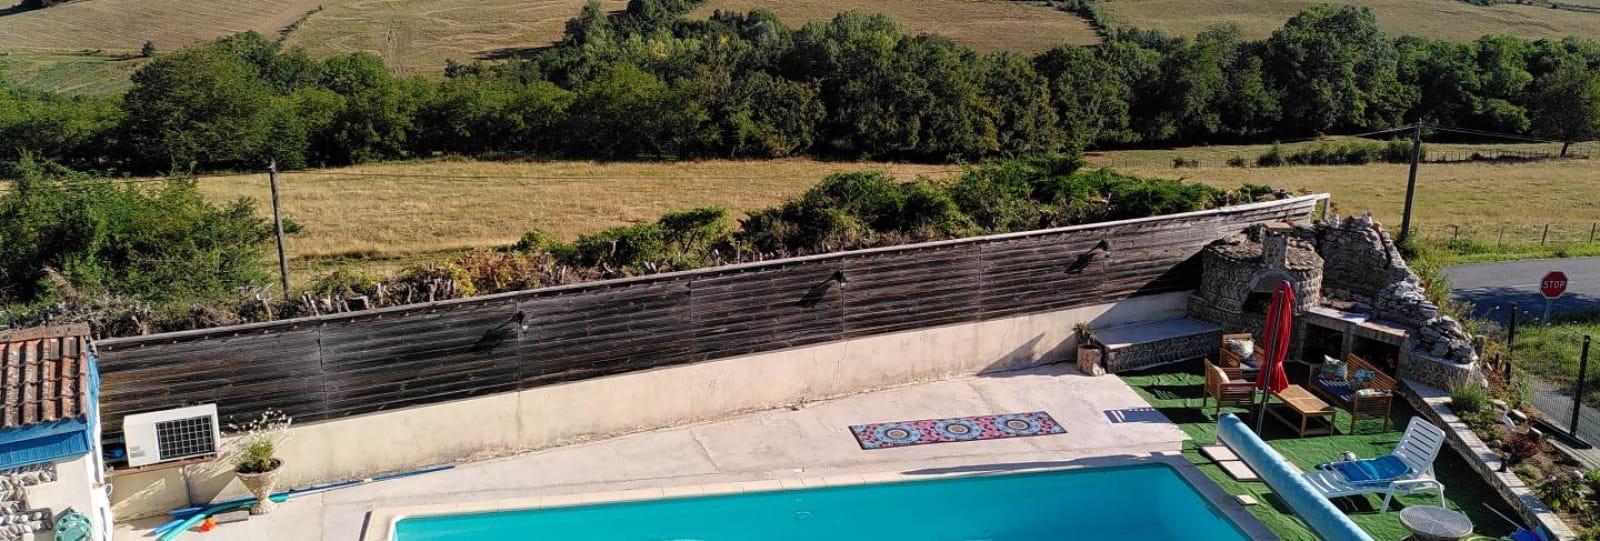 piscine 10 mètres par 5 mètres